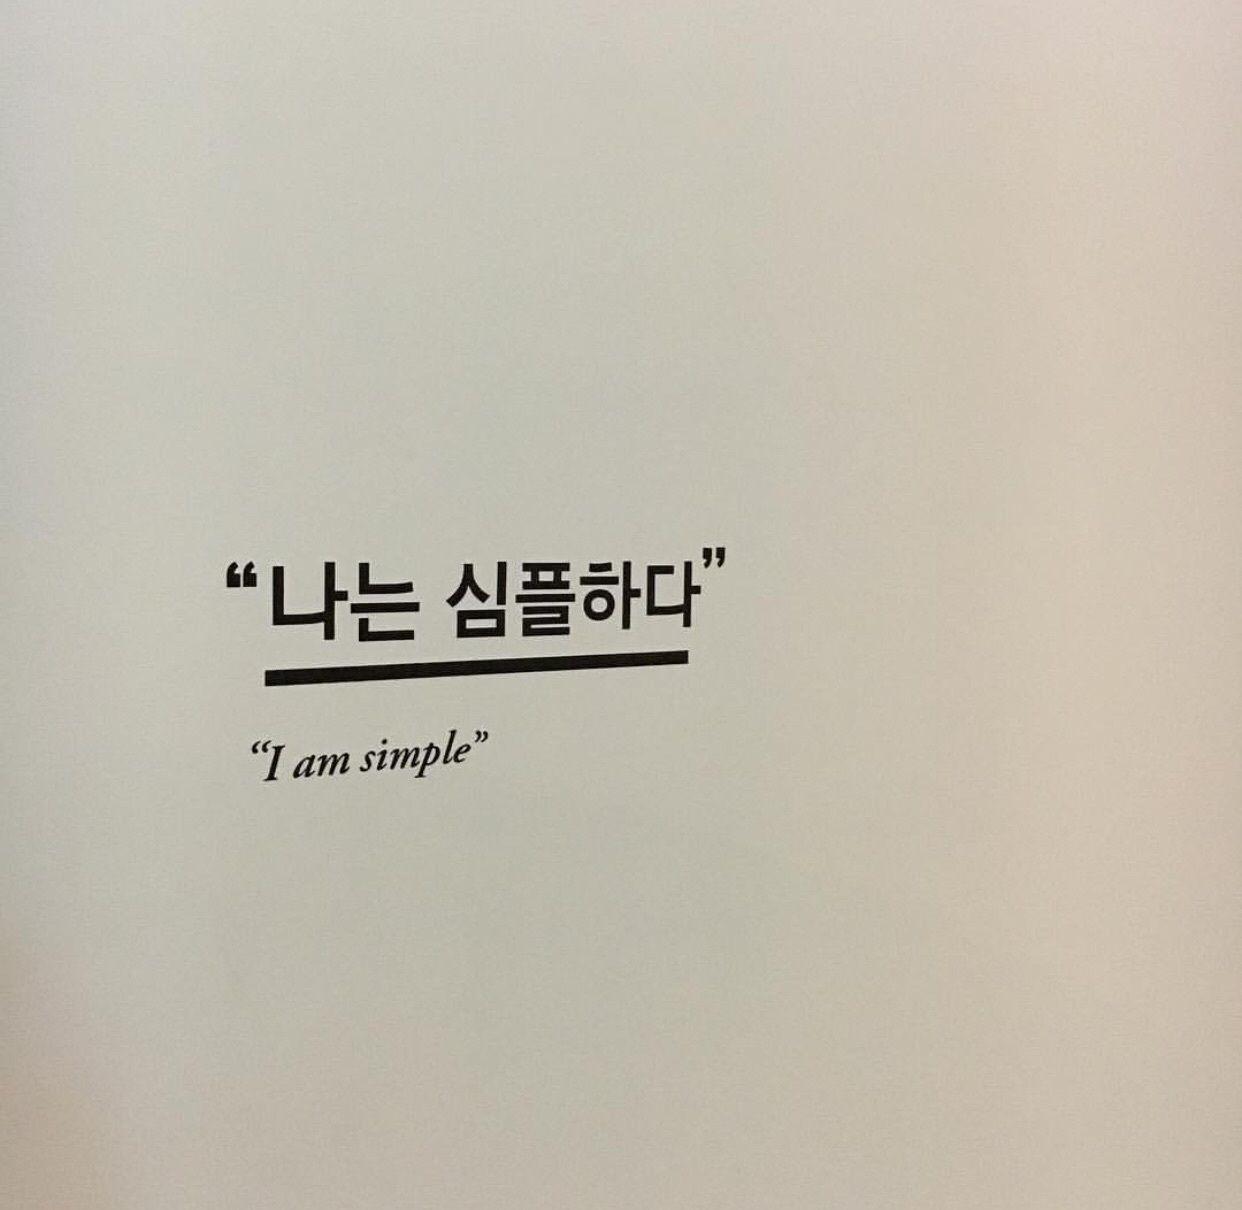 Instagram Repost Reported And Blocked Kata Kata Indah Kutipan Korea Bahasa Korea